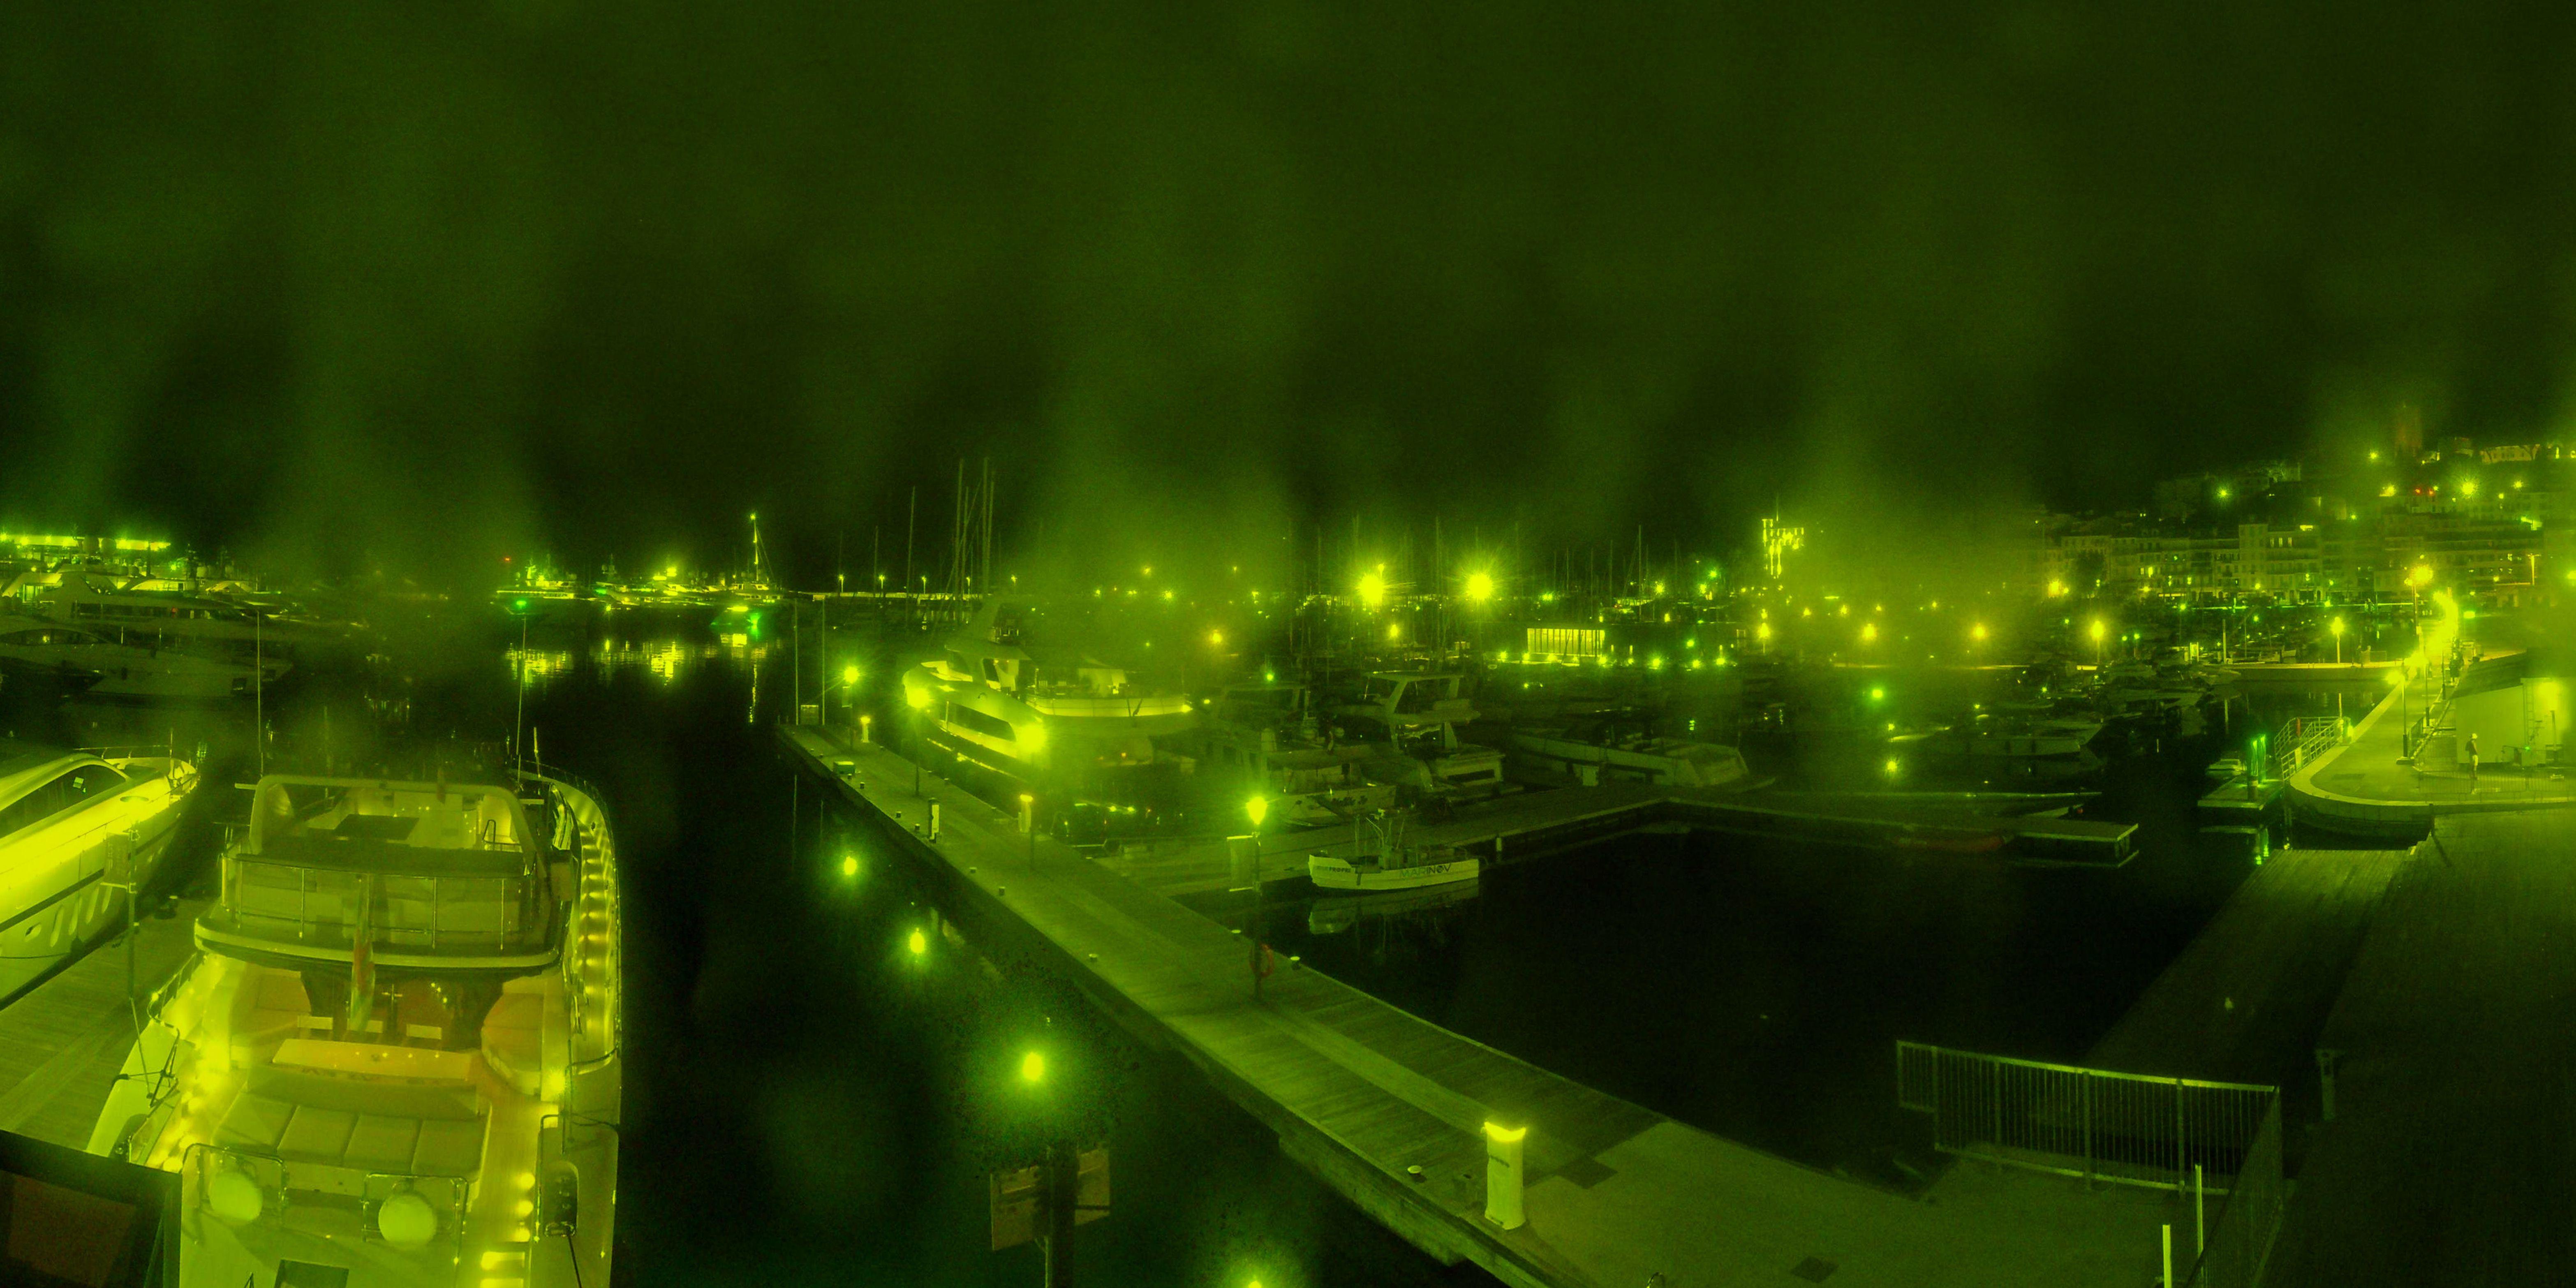 Cannes Di. 04:36